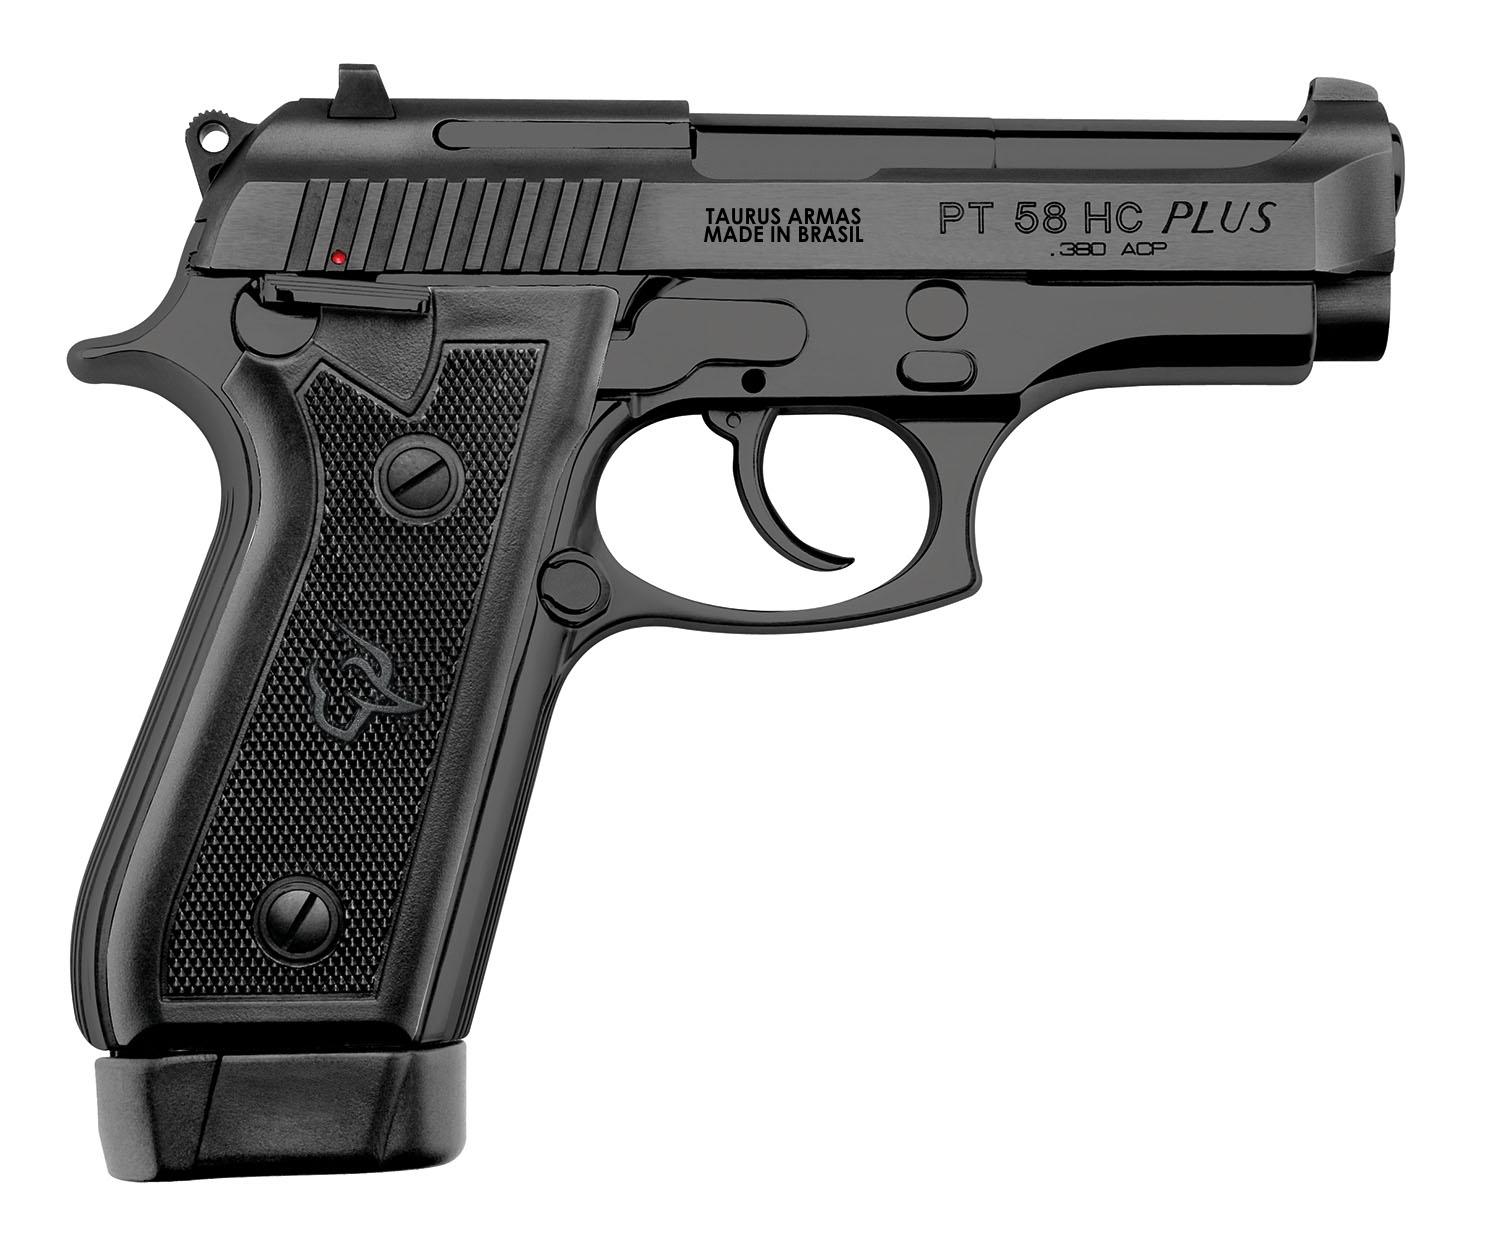 Pistola Taurus 58 HC Plus